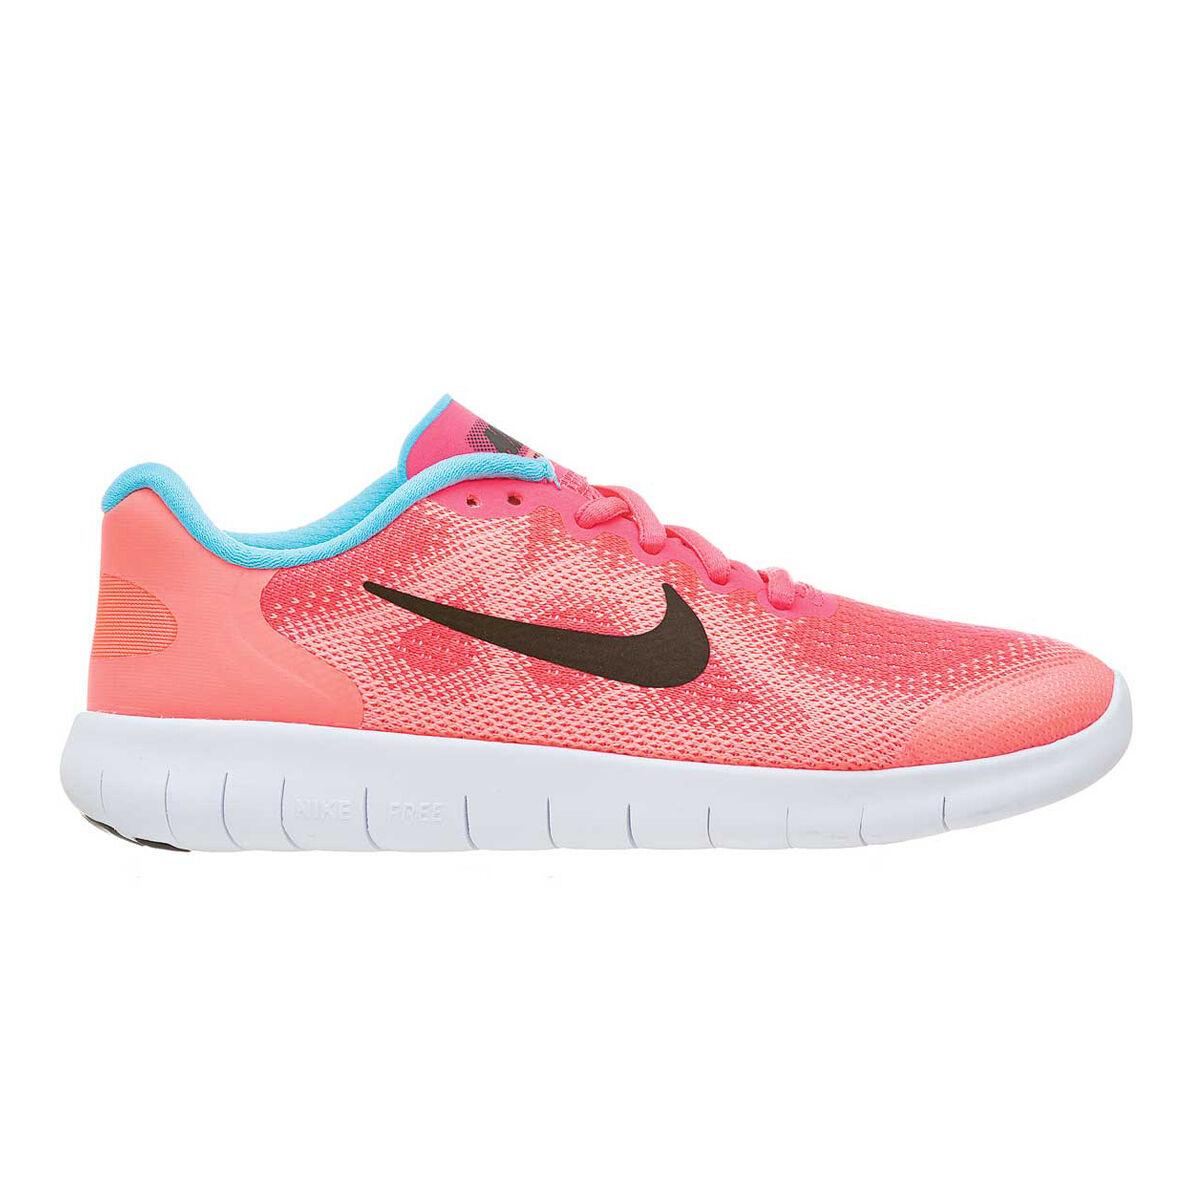 Free Run Girls Sport Nike 2017 Running ShoesRebel TlF3uK1Jc